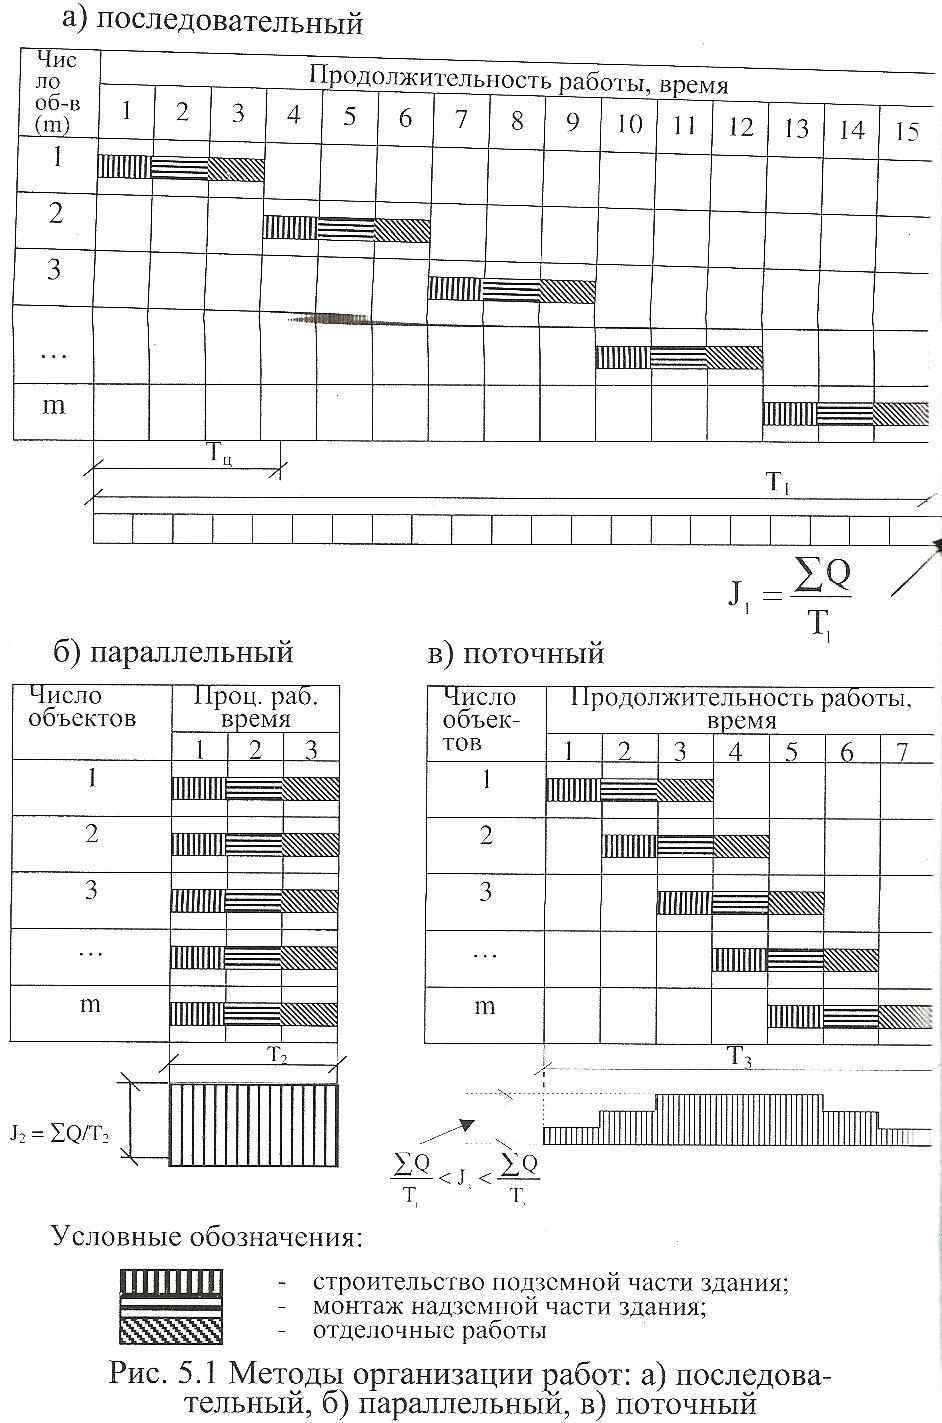 Календарная девушка модель производства работ анастасия вайнер